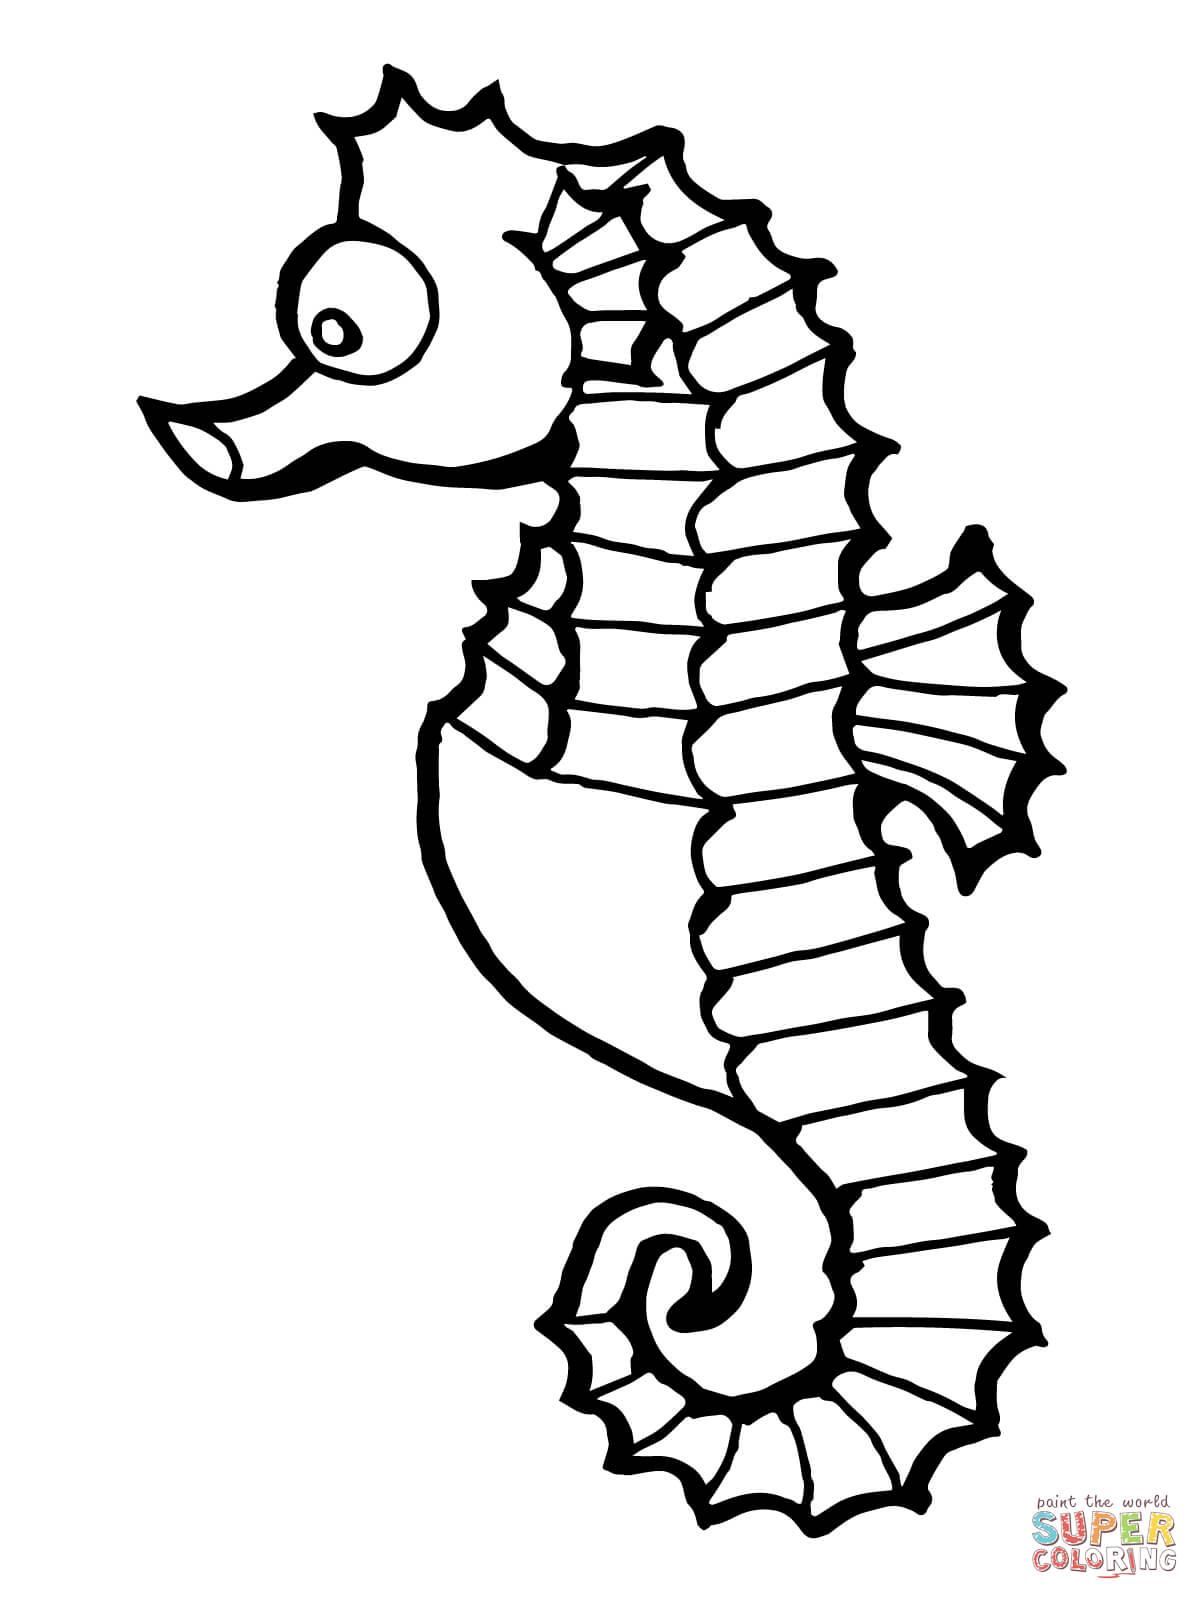 Drawn seahorse fish Coloring Fish page Click Free